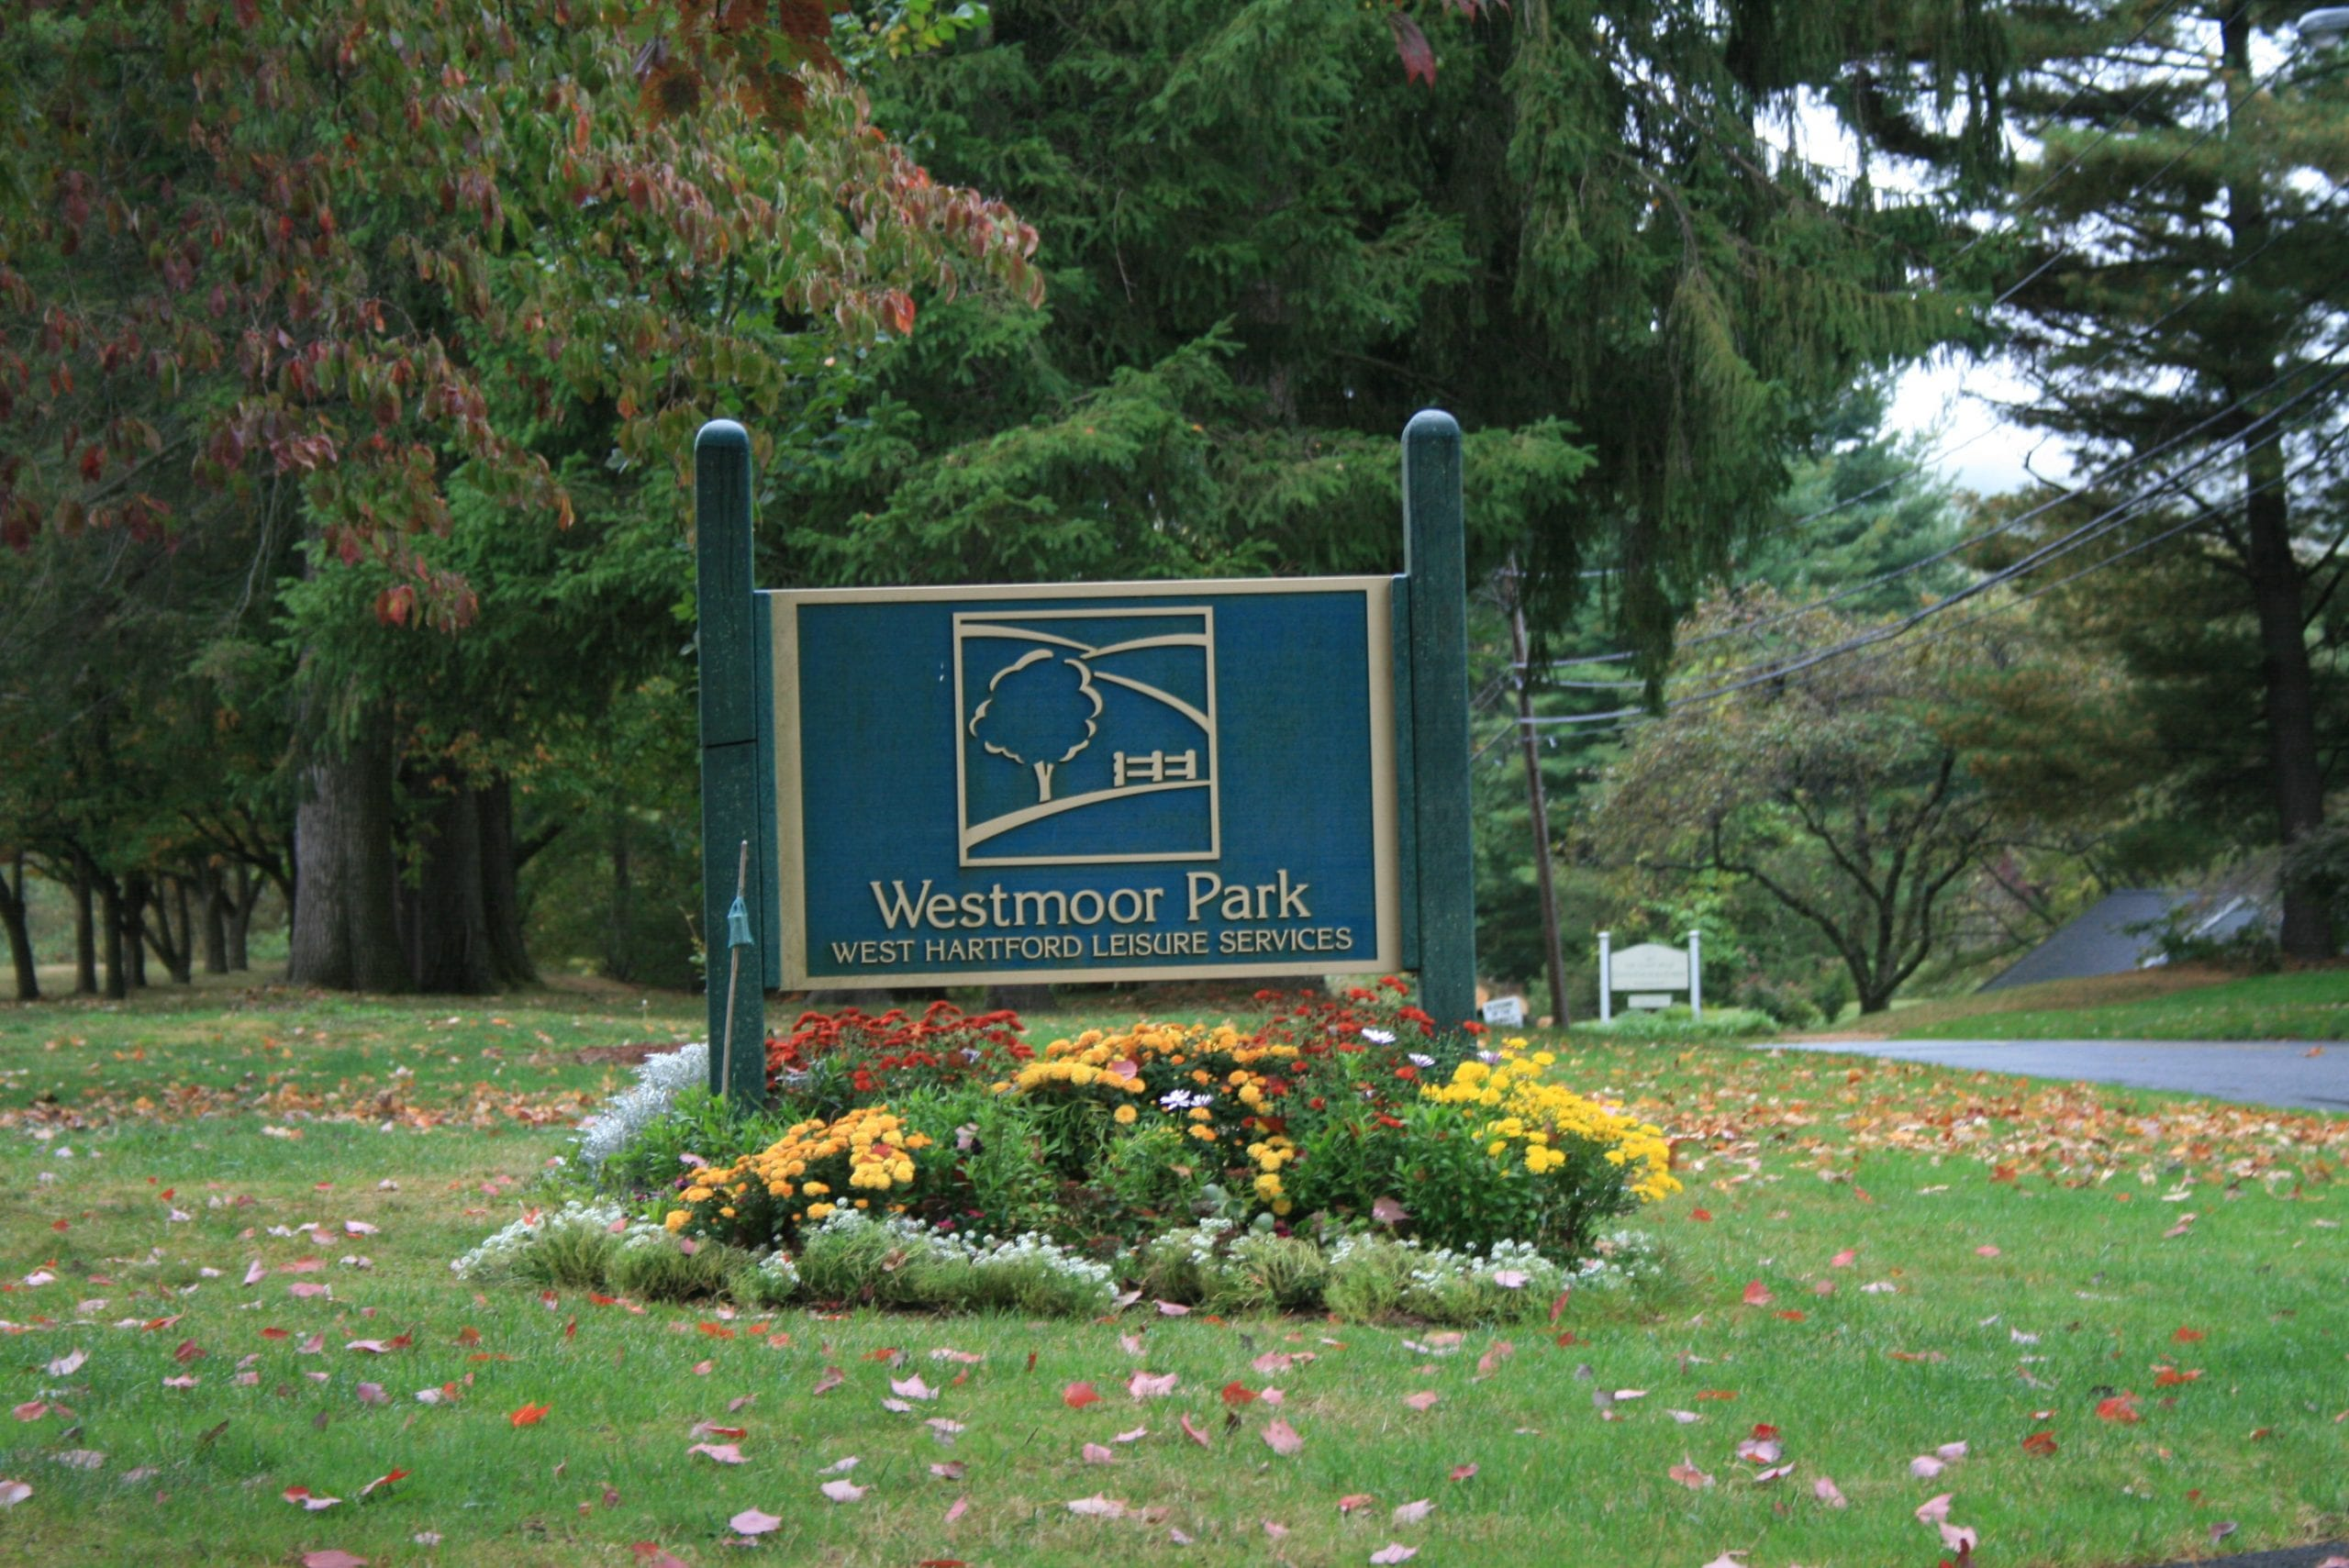 Westmoor Park sign